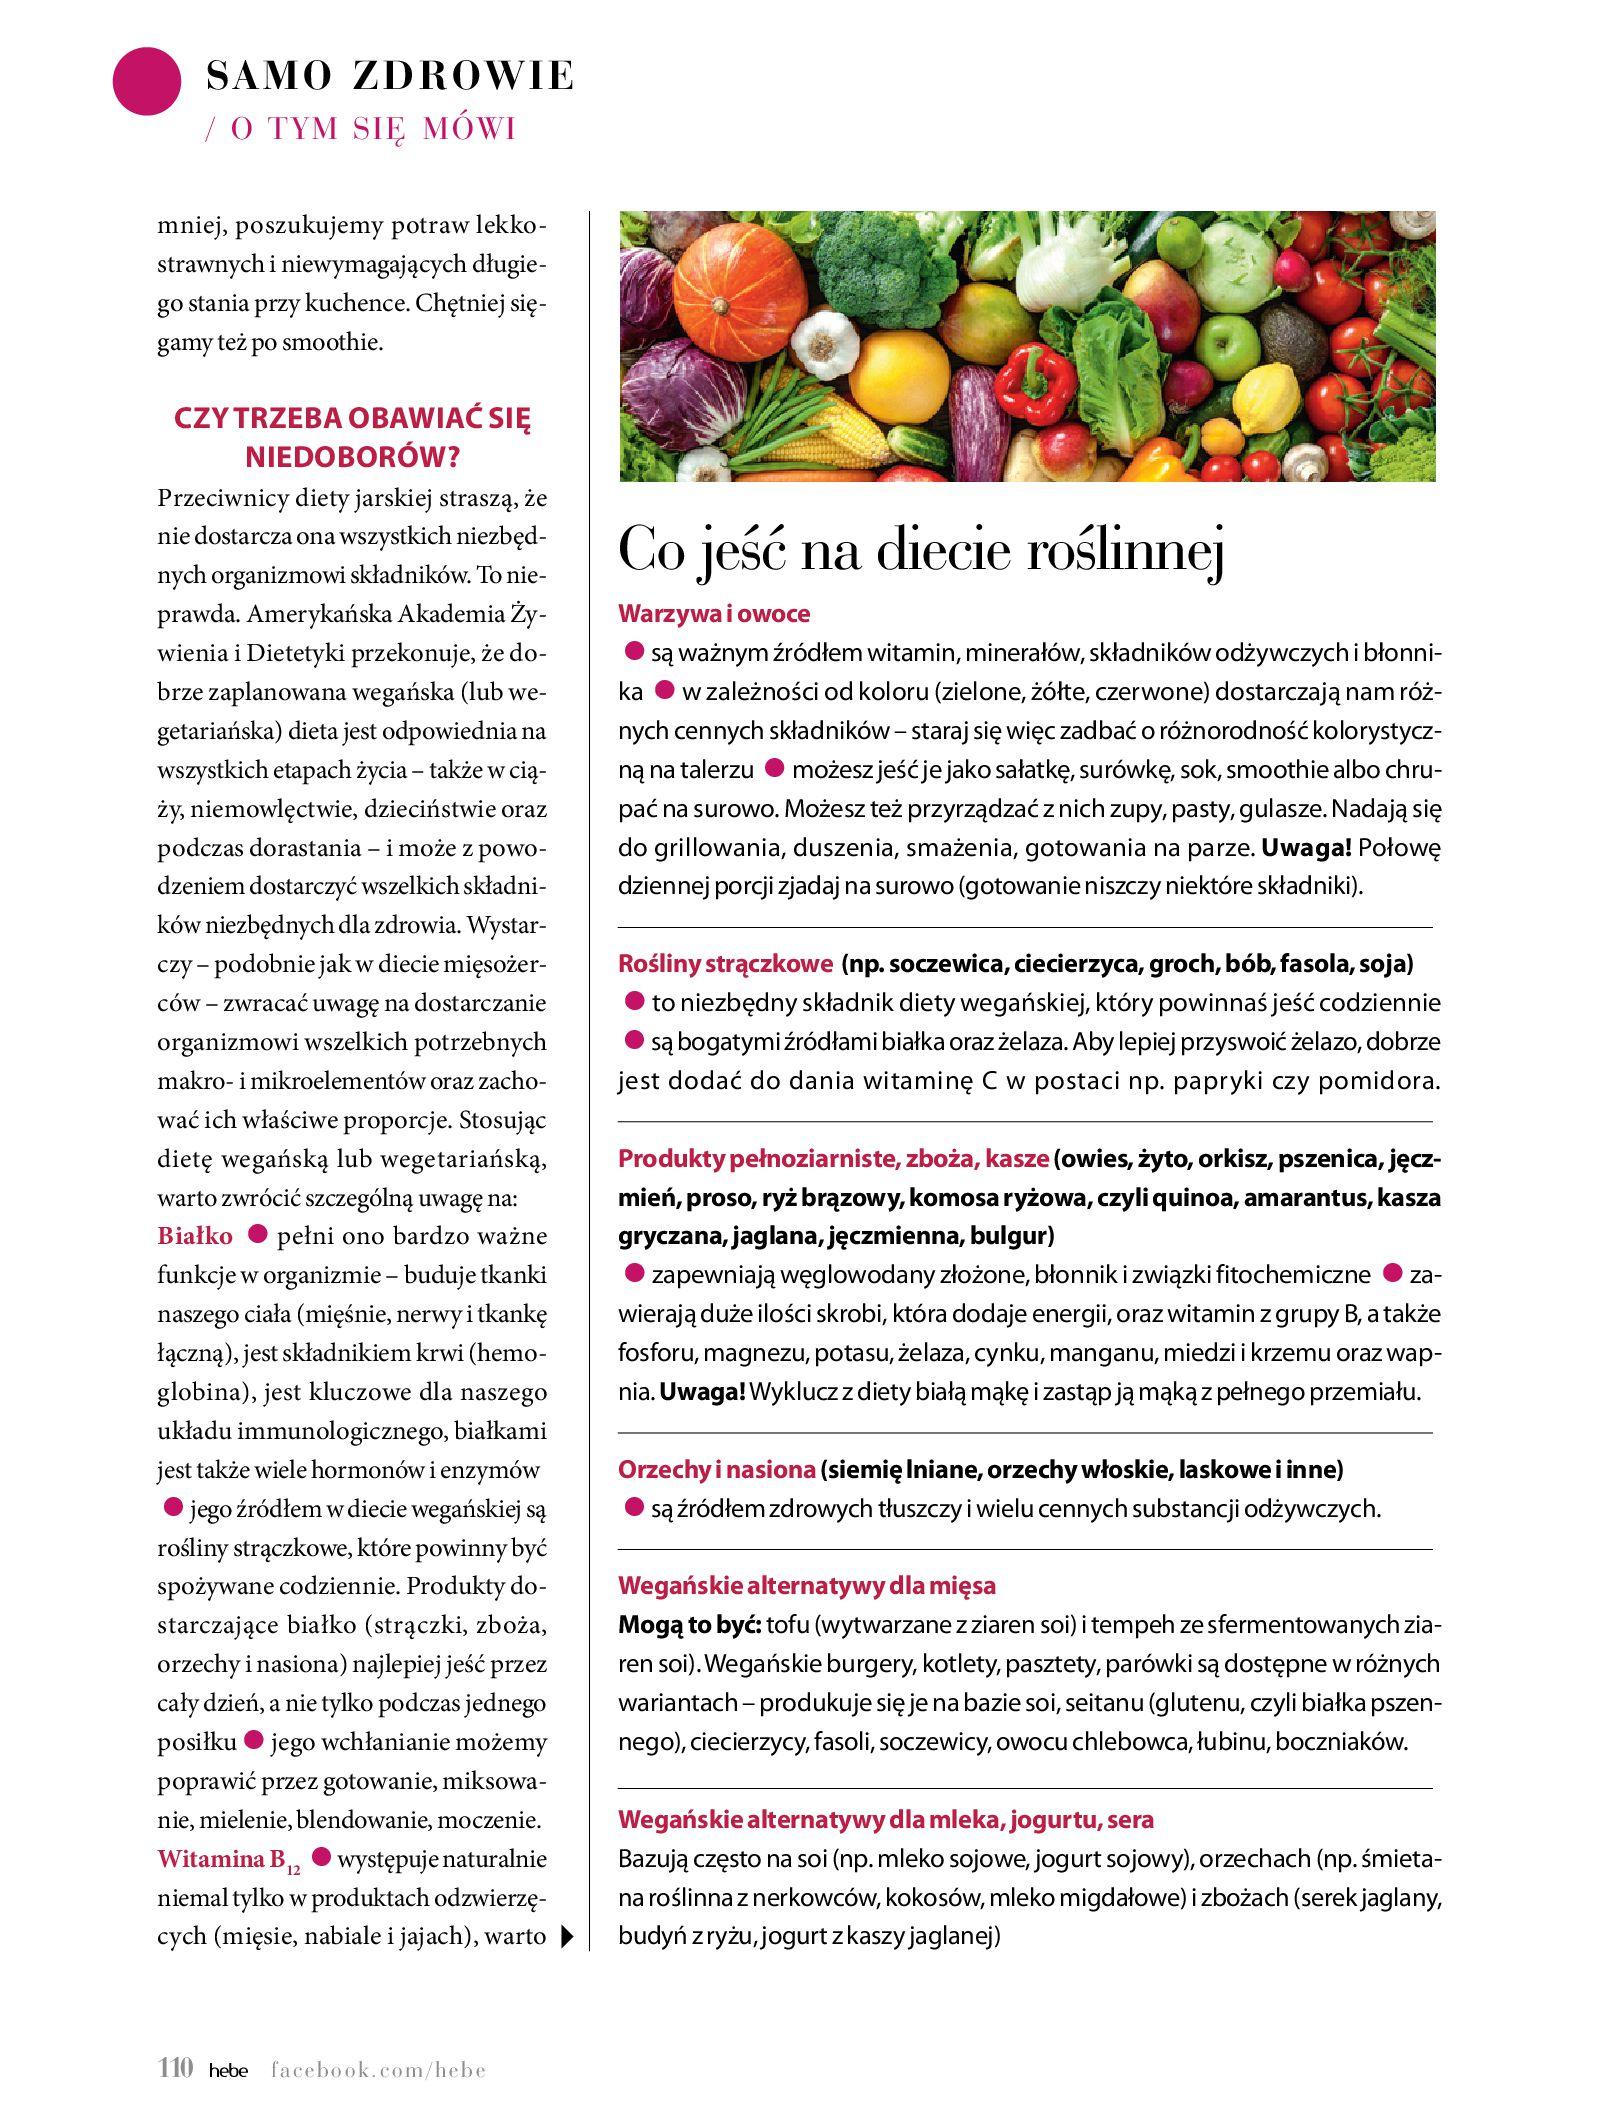 Gazetka hebe - Magazyn Hebe-30.06.2020-31.08.2020-page-110